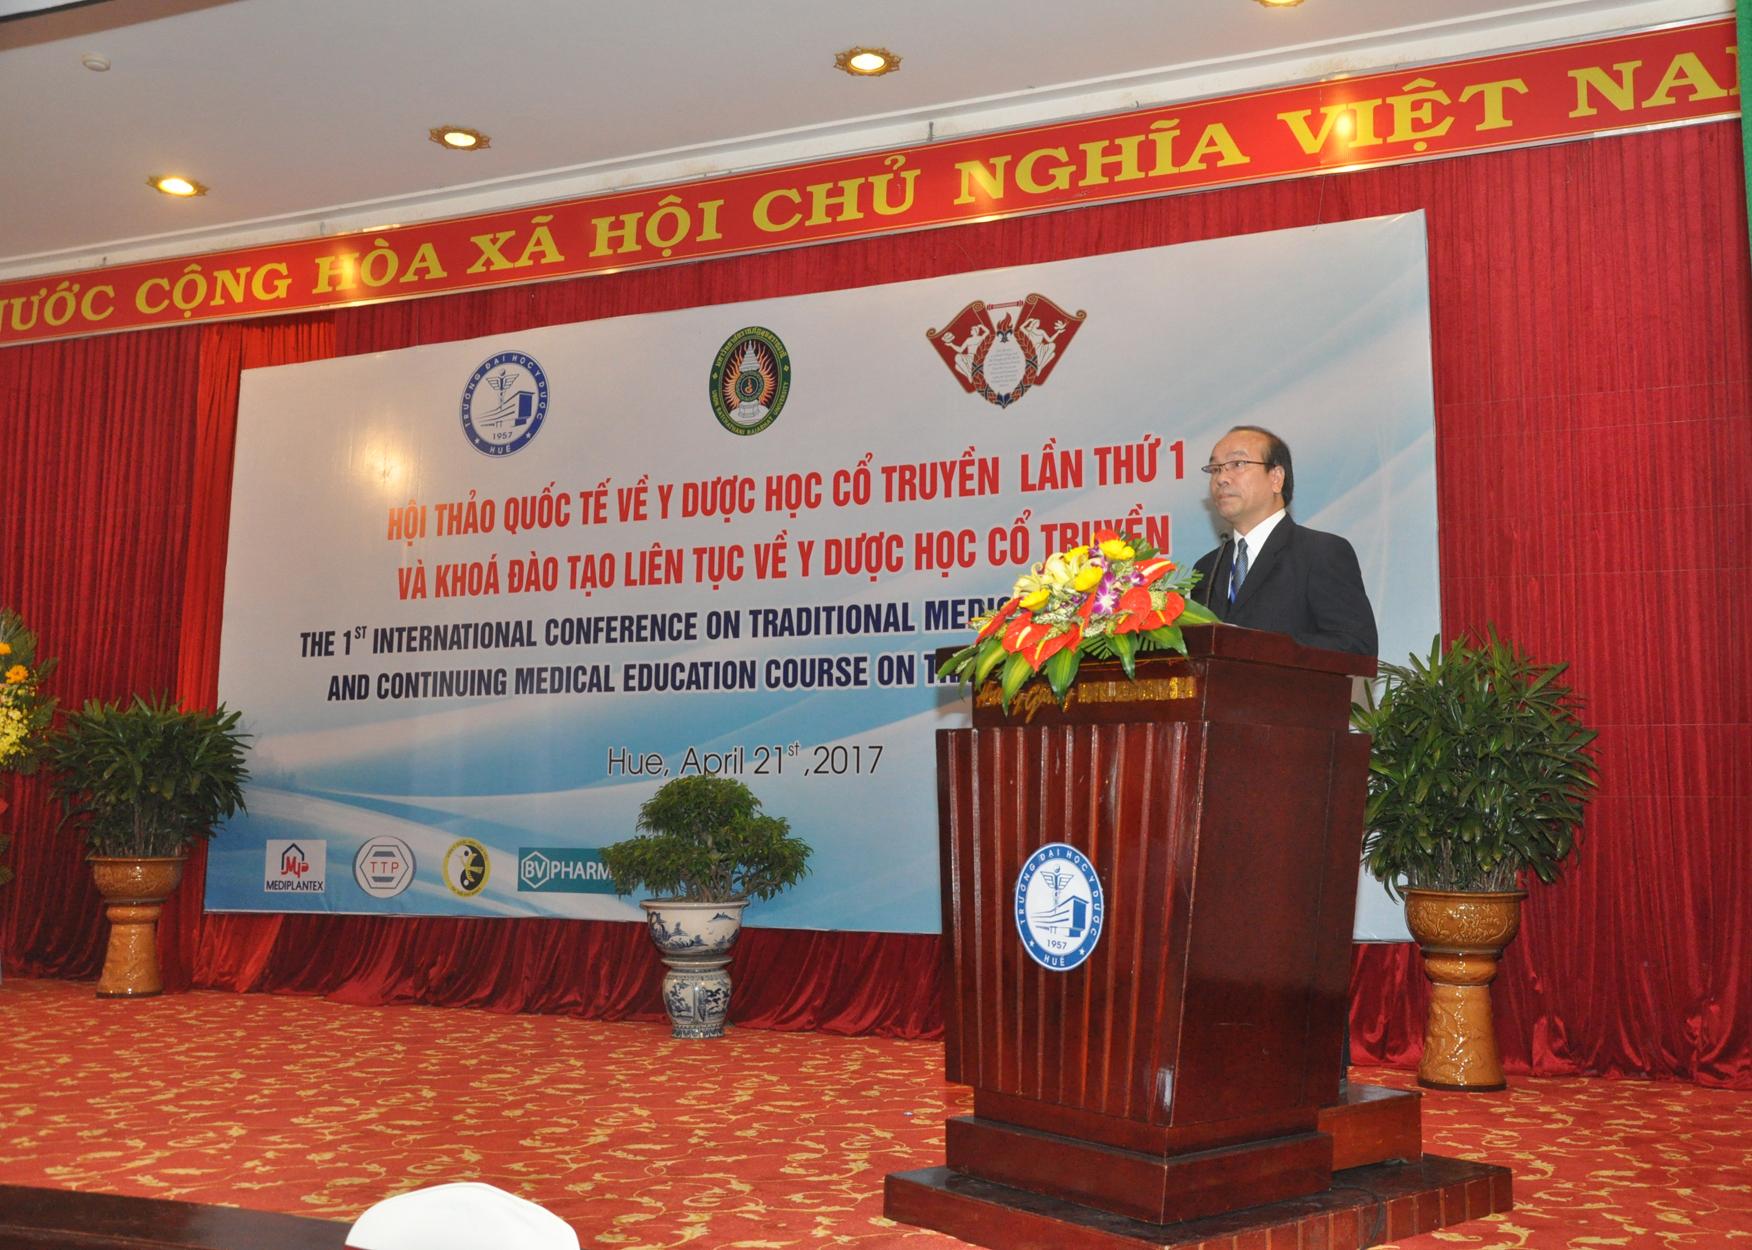 GS. Võ Tam, Phó Hiệu trưởng Trường Đại học Y Dược Huế, phát biểu khai mạc tại Hội thảo